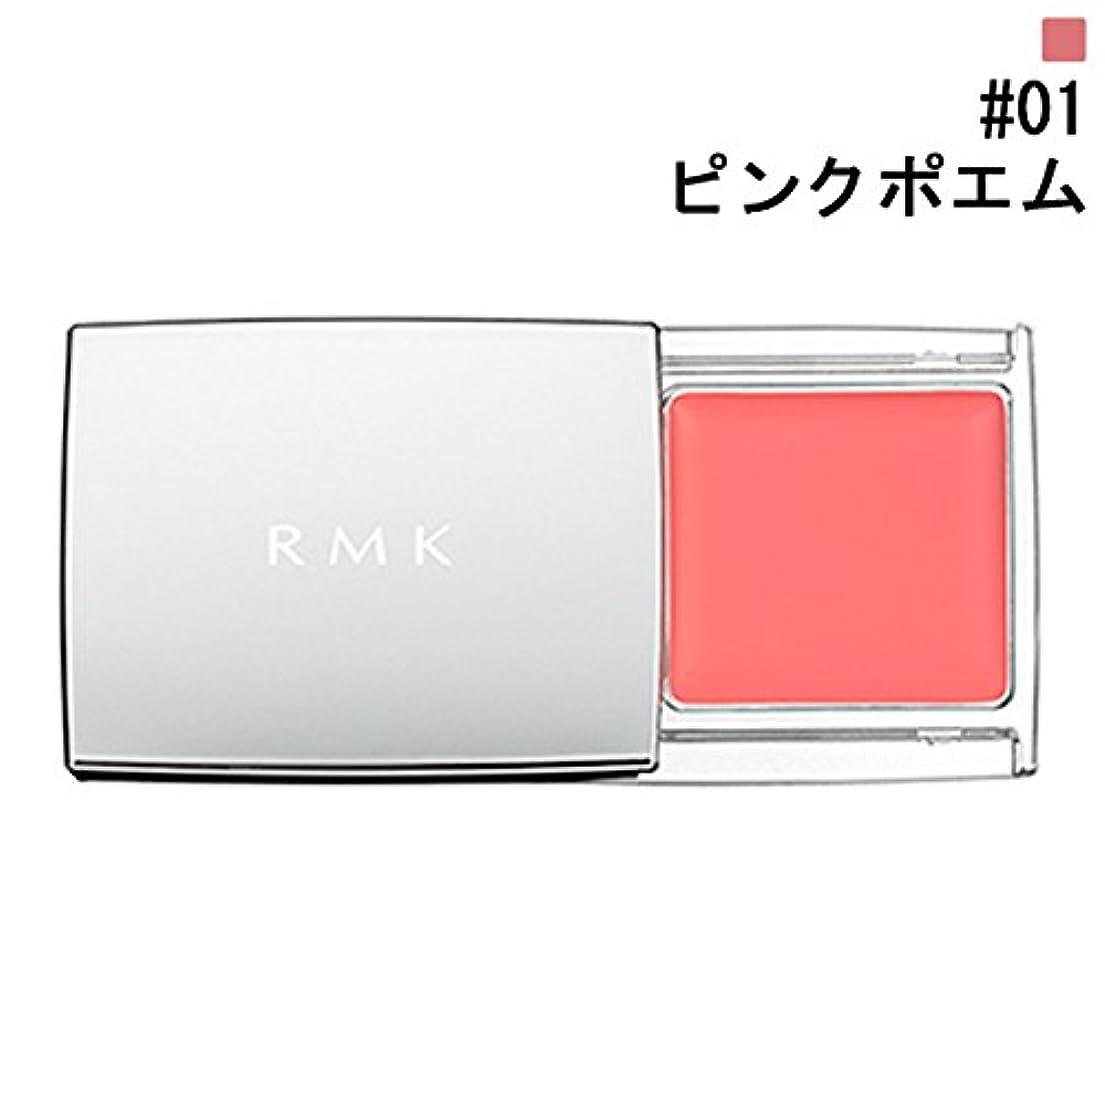 法律失業者トロリーバス【RMK (ルミコ)】RMK マルチペイントカラーズ #01 ピンクポエム 1.5g